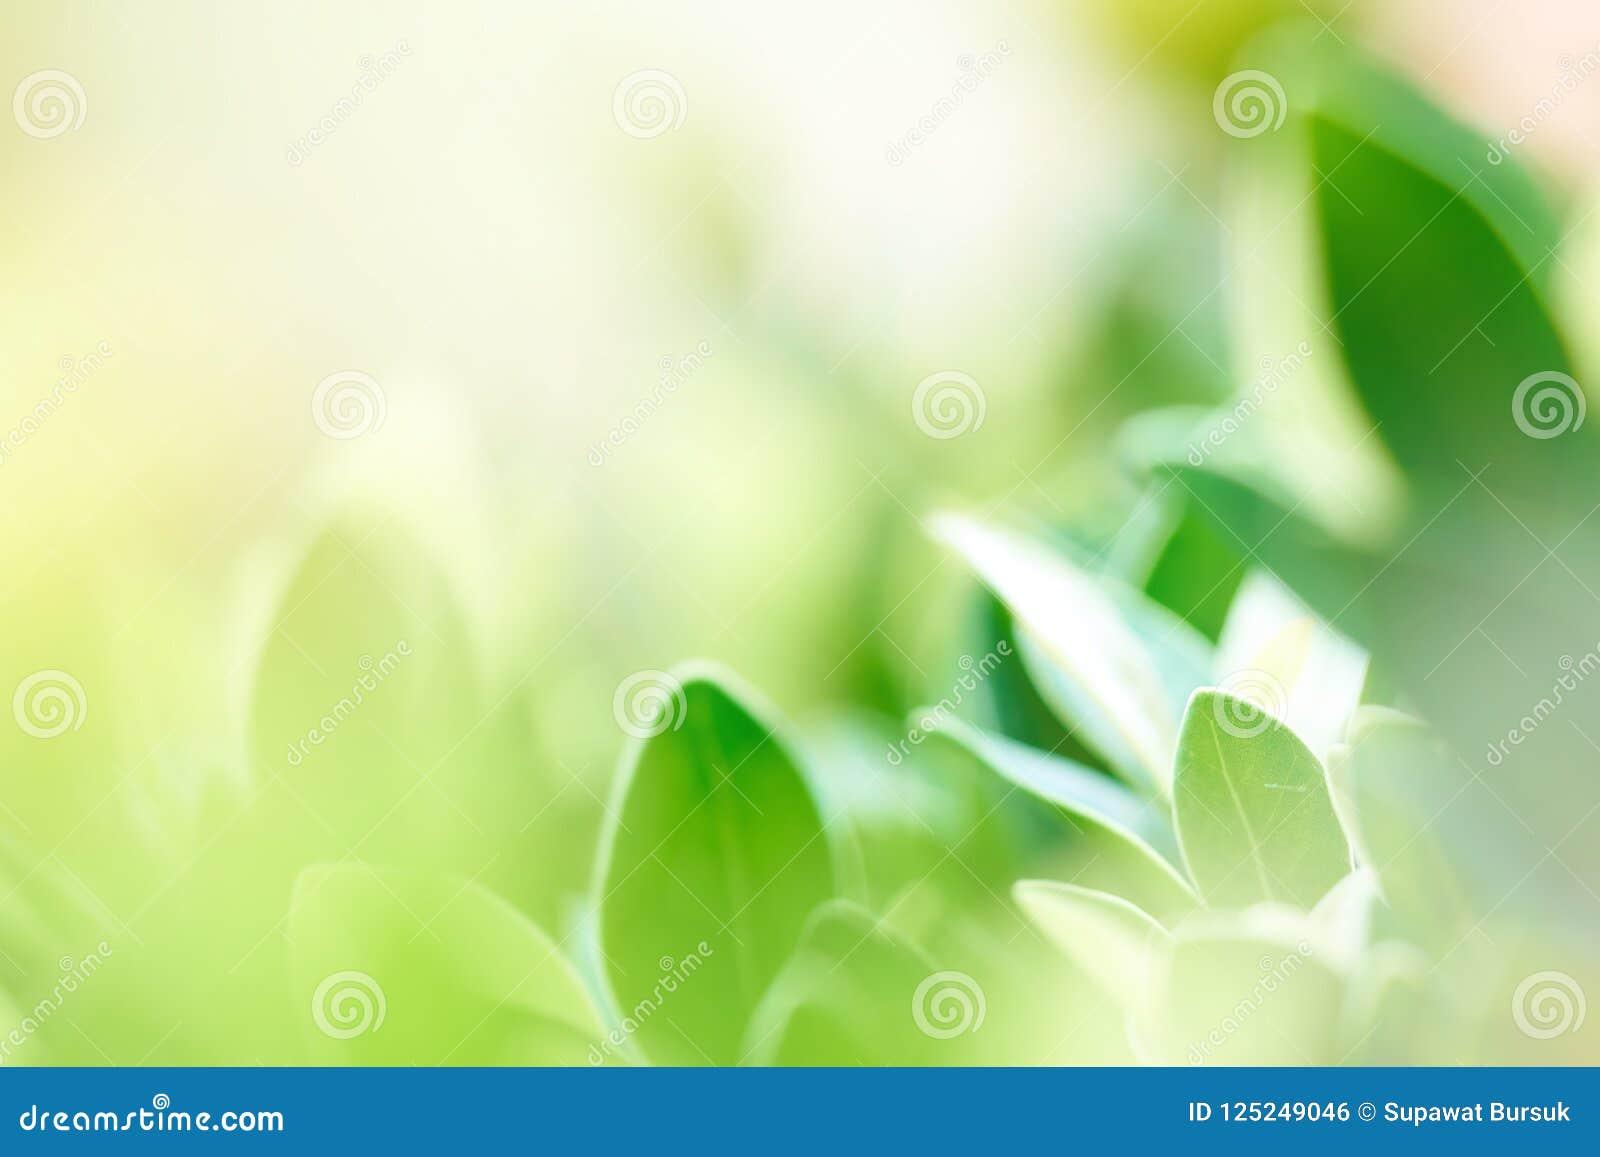 L immagine di sfondo è foglie verdi confuse che ritengono rinfrescate a